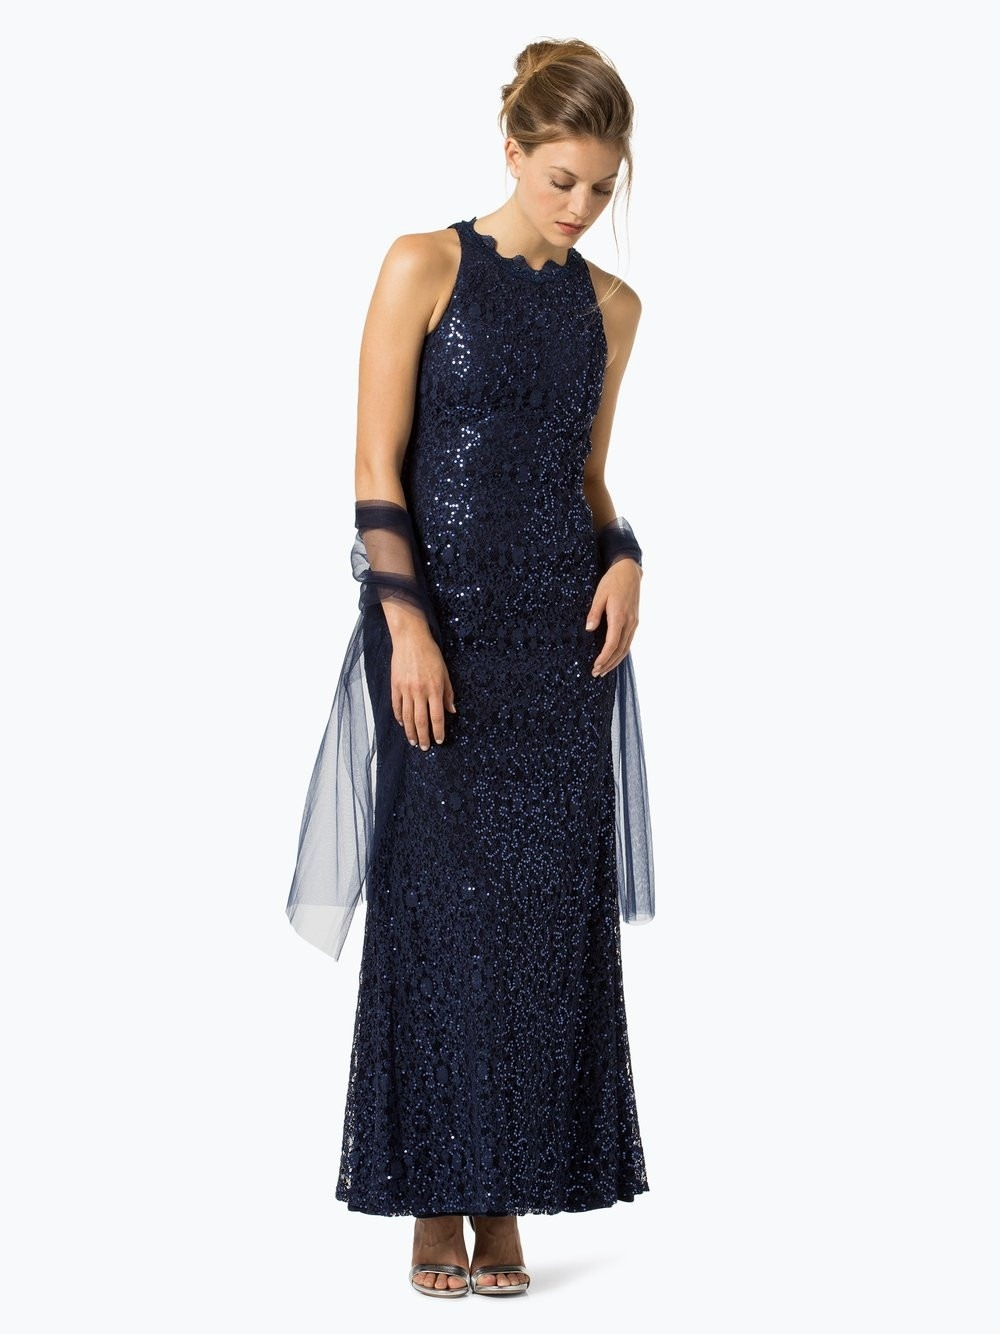 13 Schön Online Shops Für Abendkleider Boutique17 Schön Online Shops Für Abendkleider für 2019